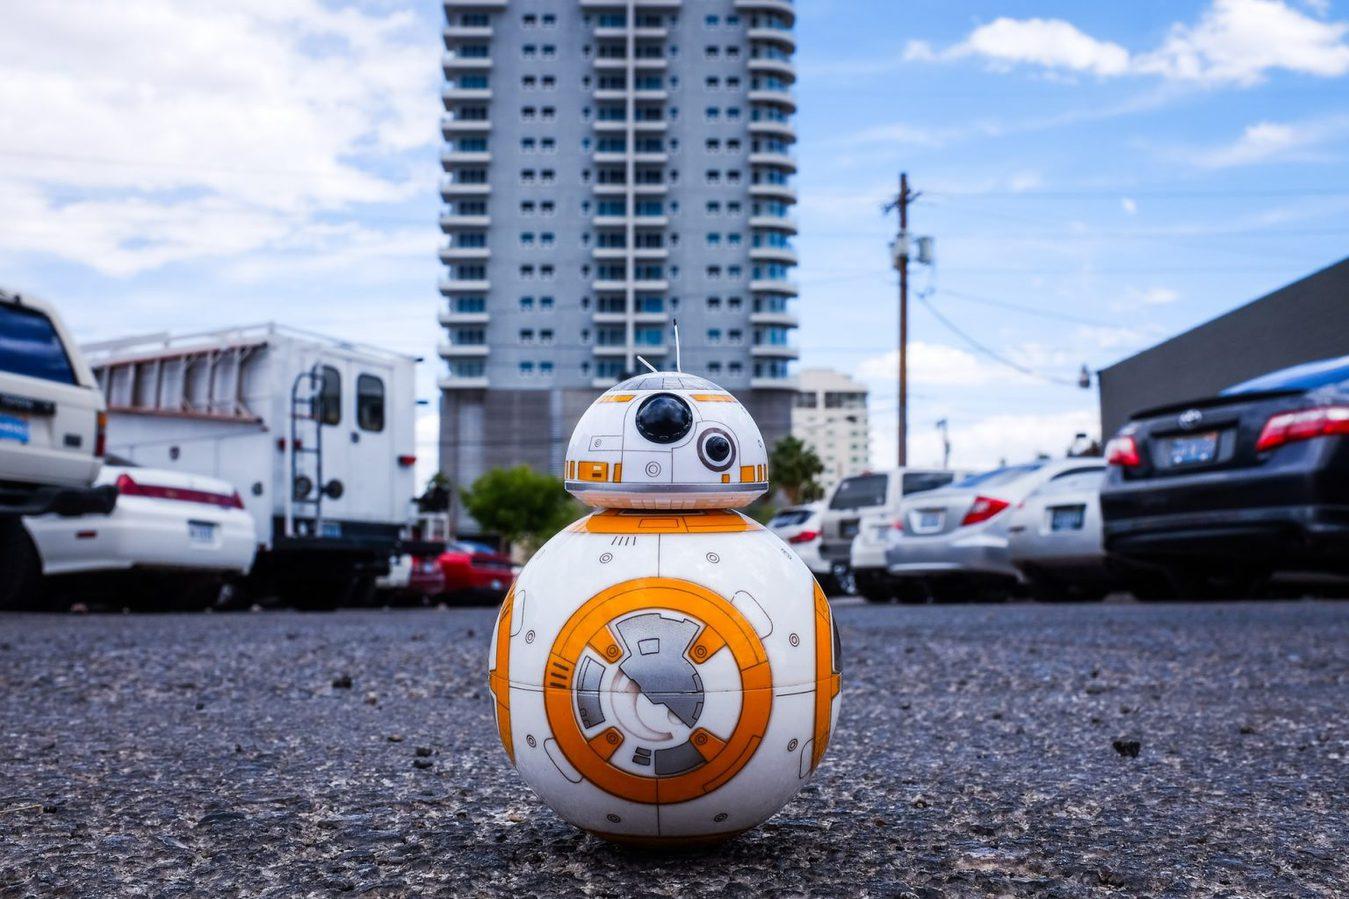 Robô BB8 em um estacionamento